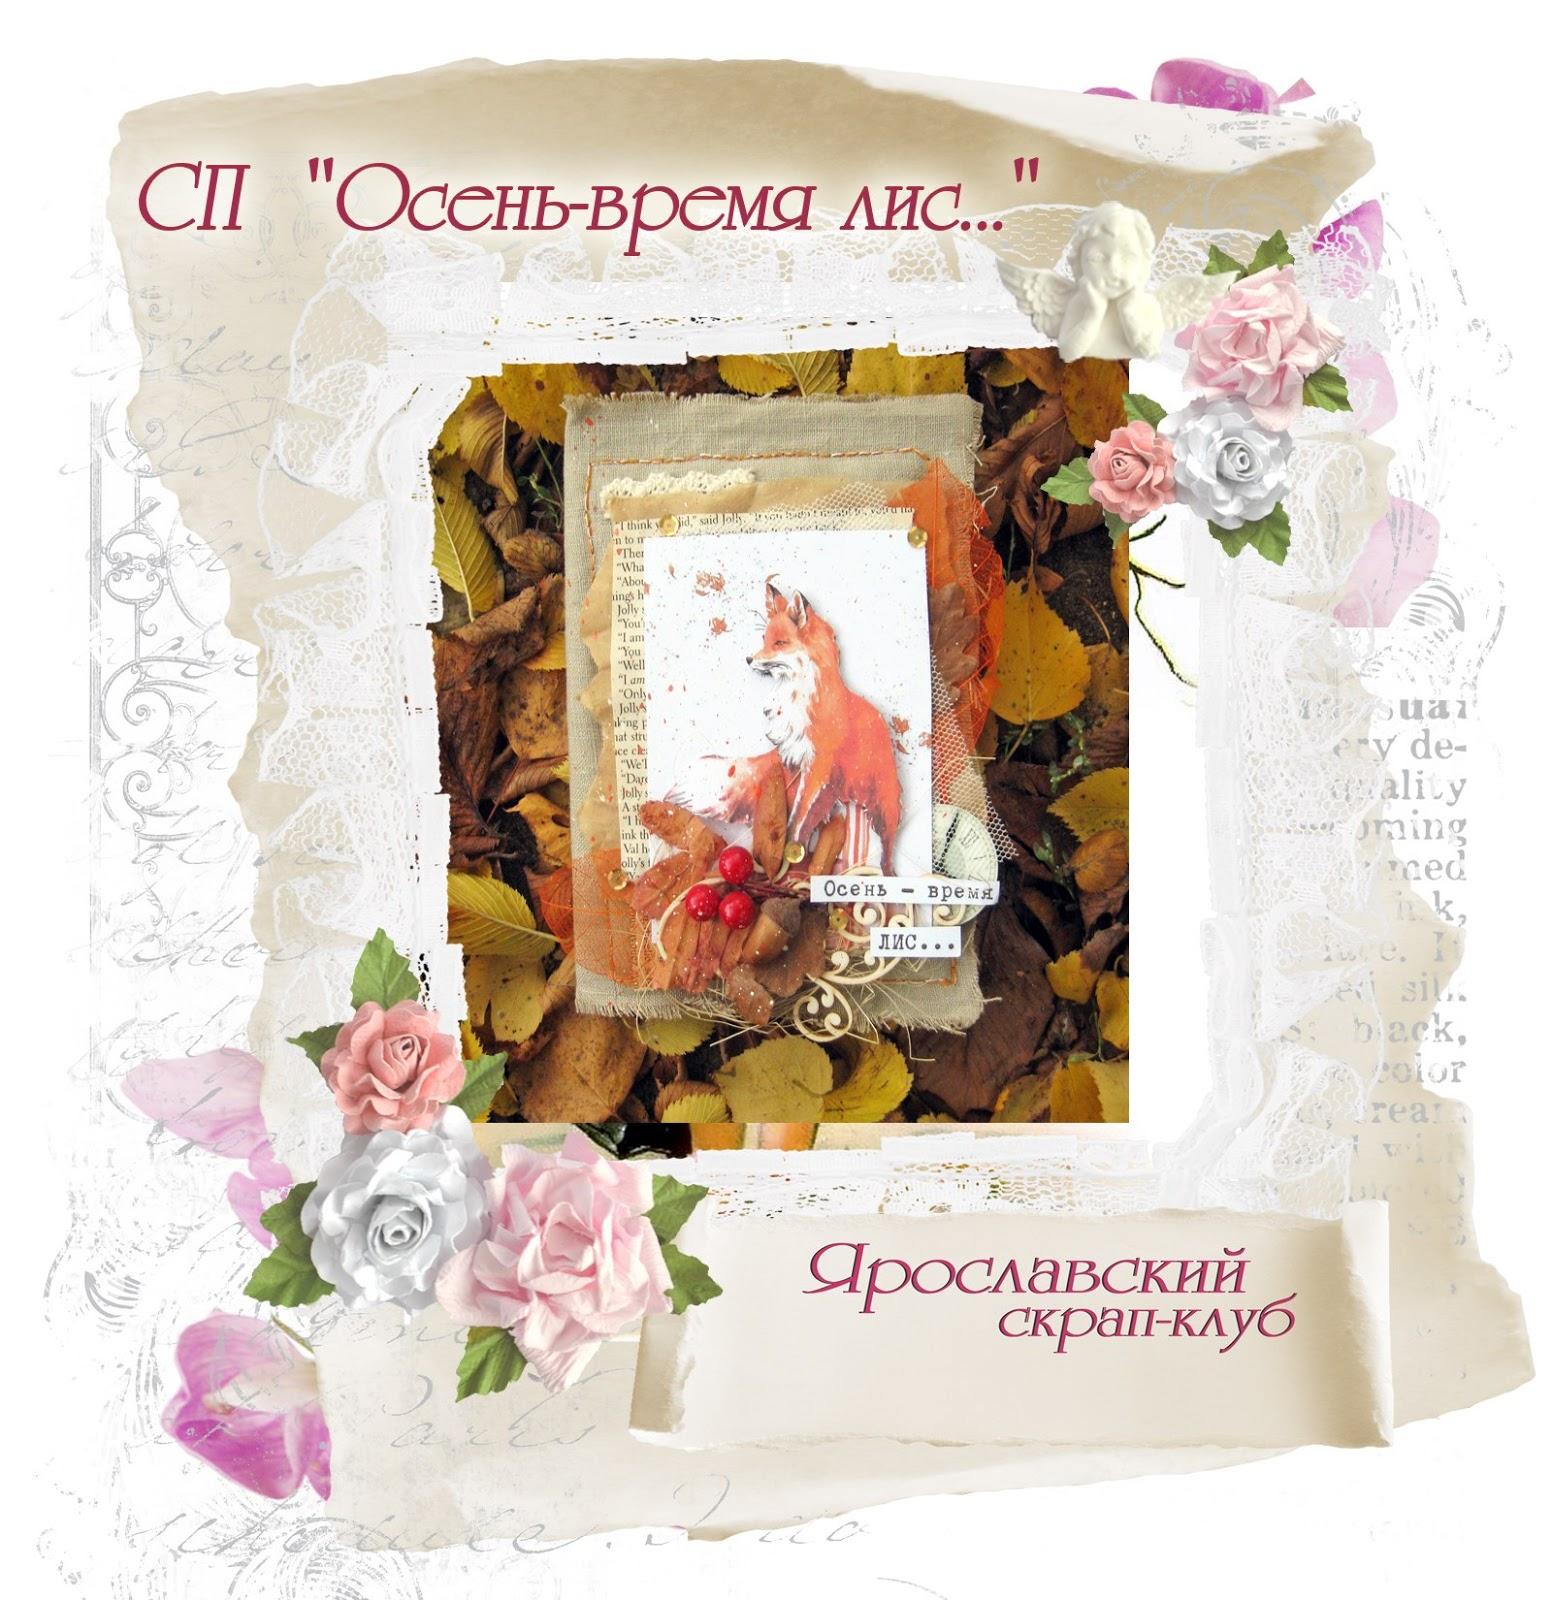 """Мой СП """"Осень - время ЛИС..."""" для ЯрСК"""